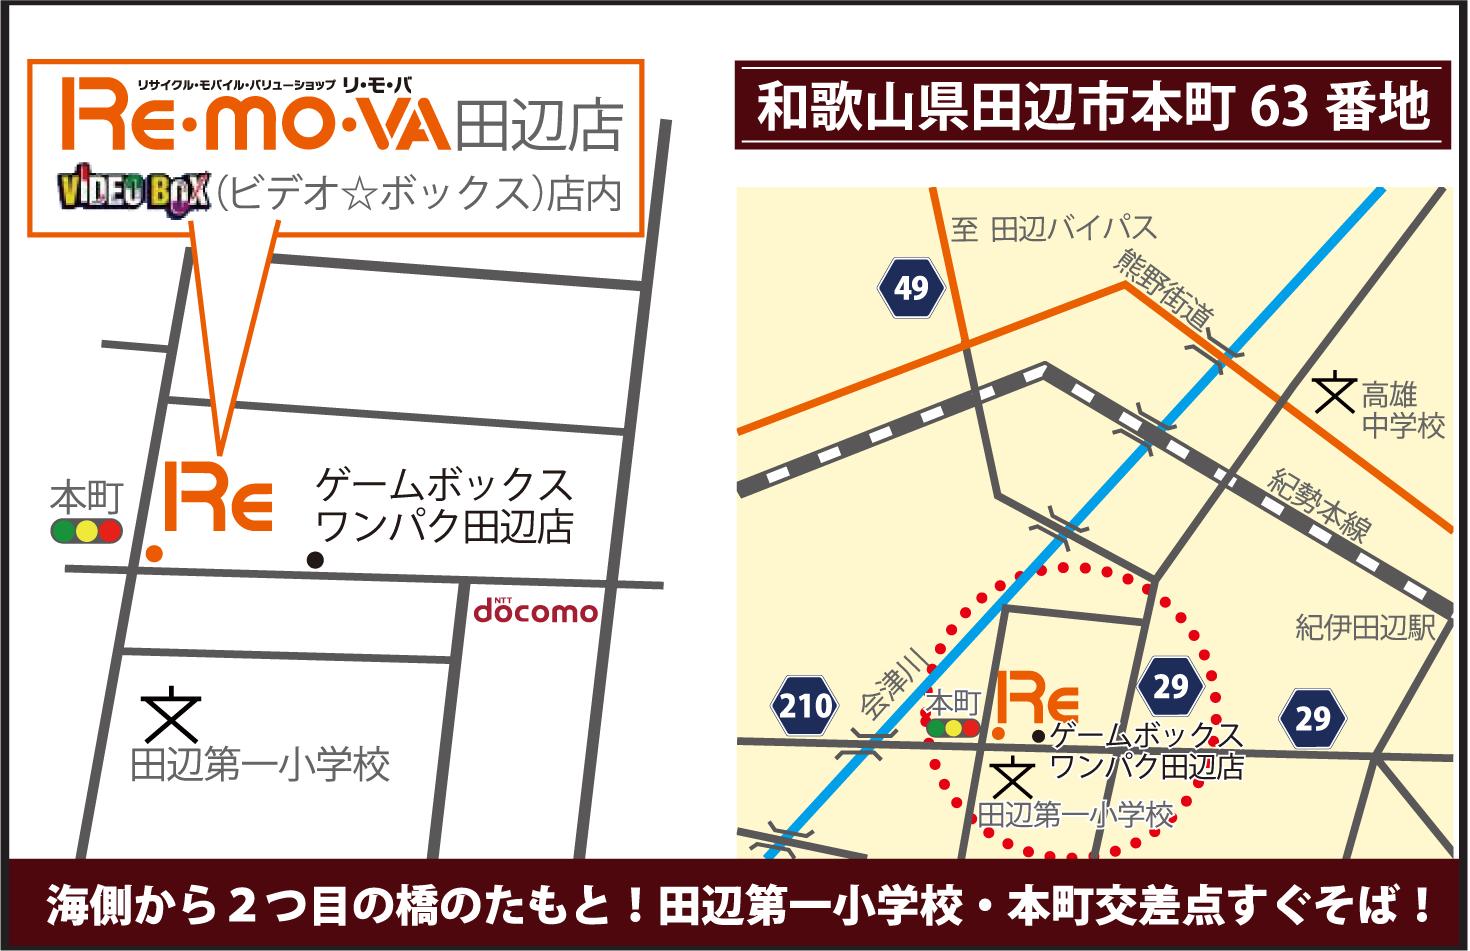 リモバ田辺店周辺地図